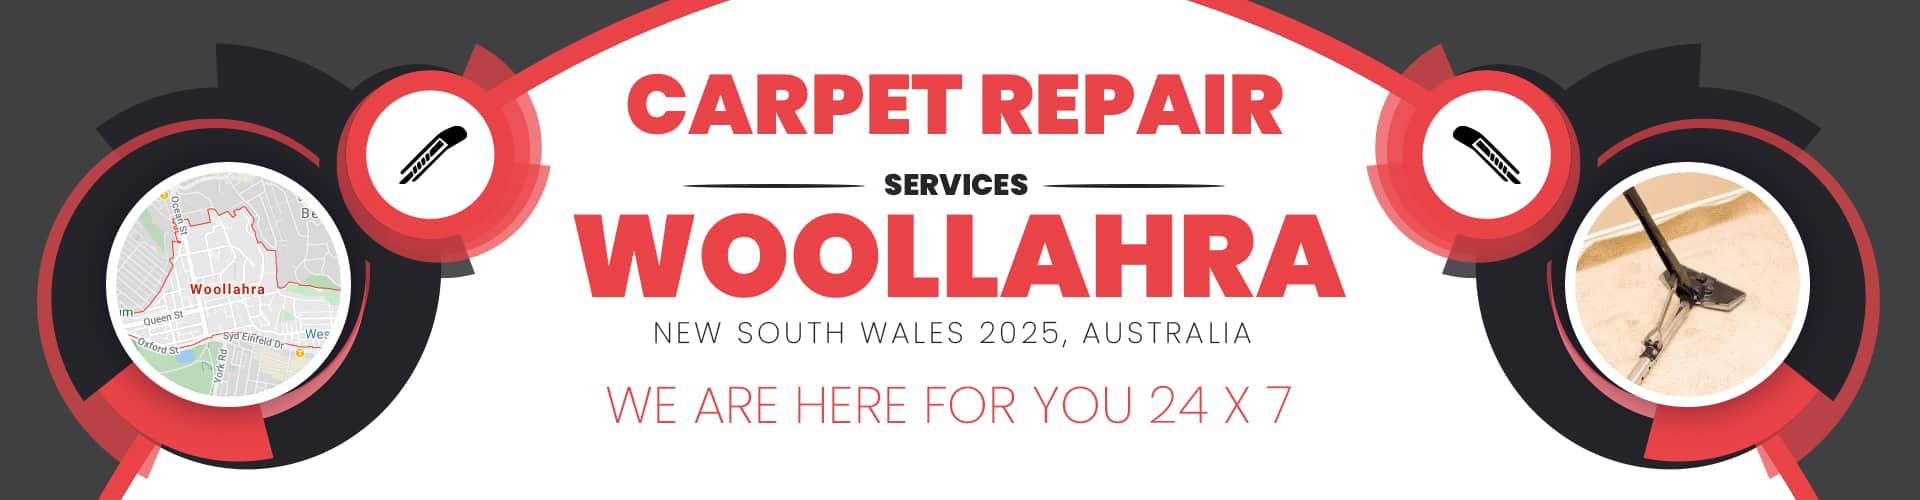 Carpet Repair Woollahra